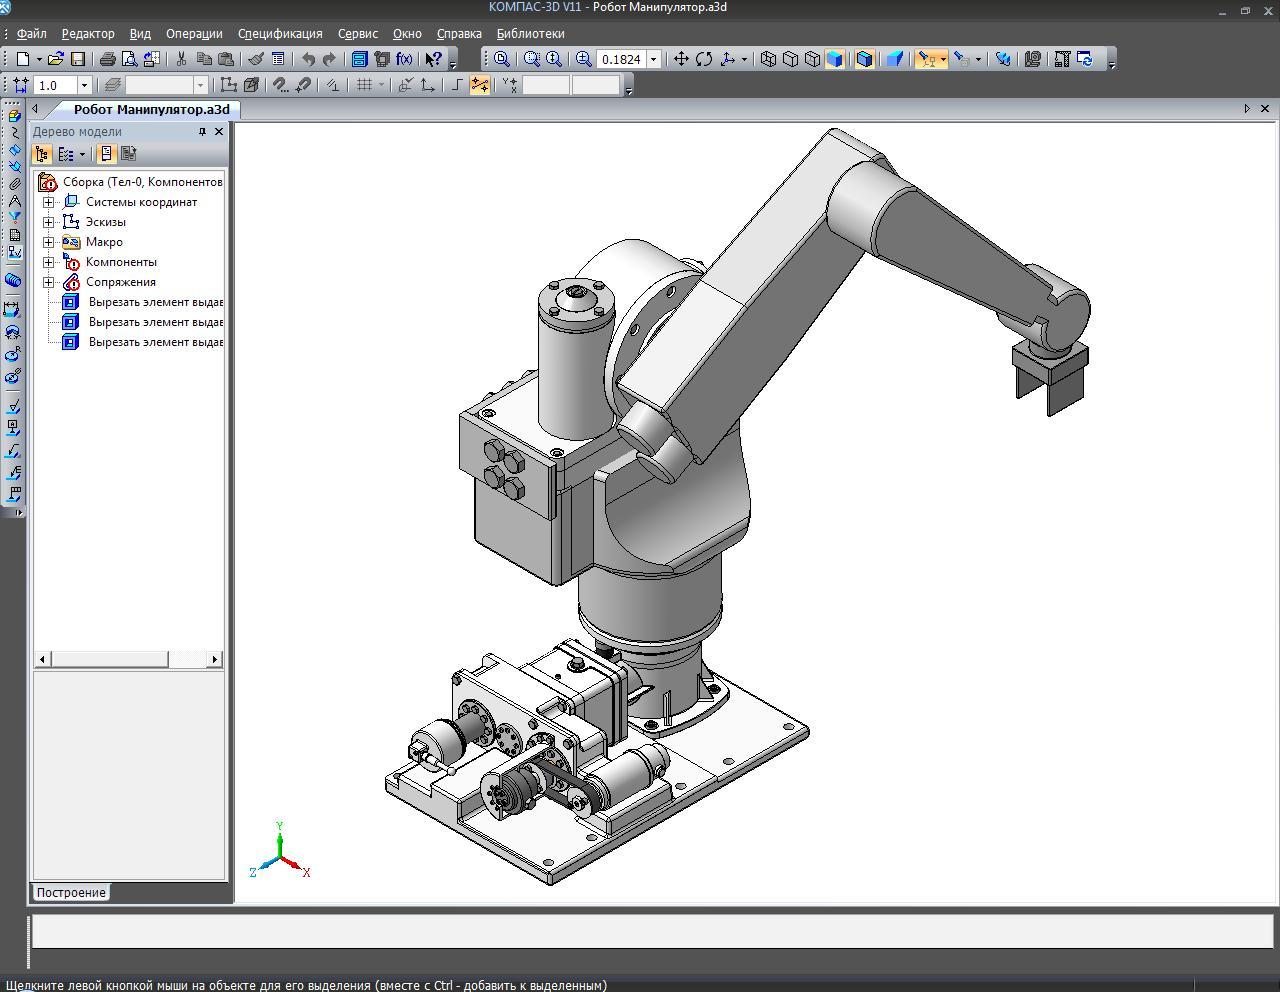 Схема управления роботами